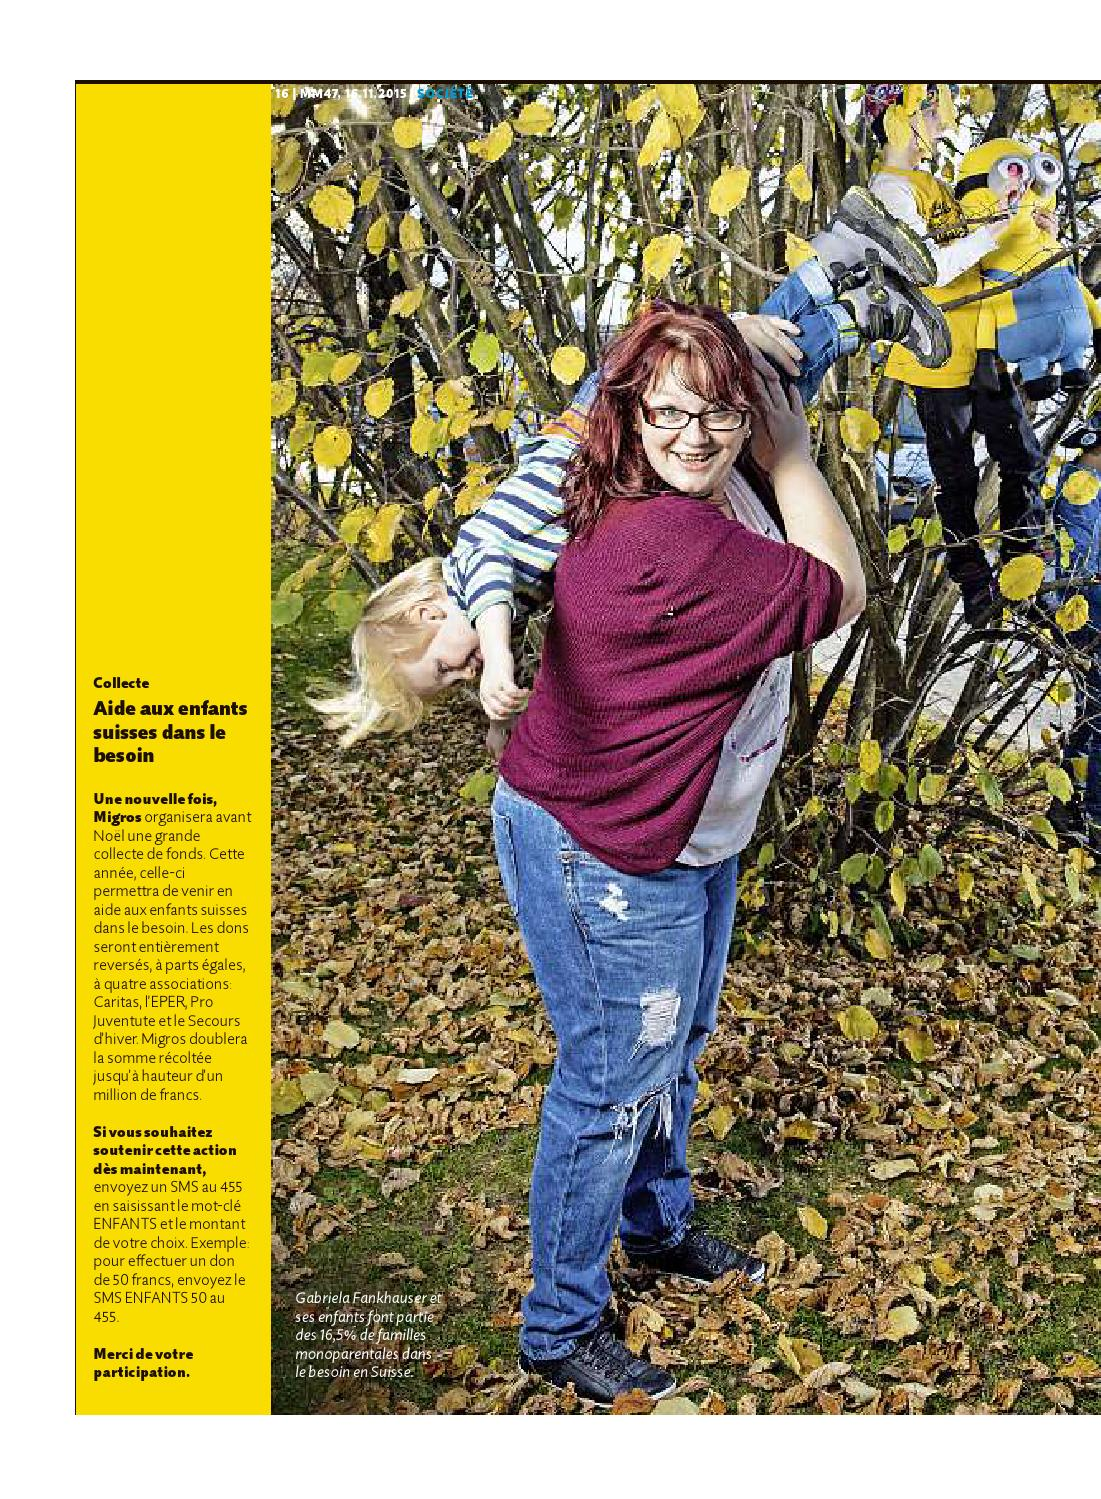 Migros Magazin 47 2015 F Ne By Migros Genossenschafts Bund Issuu